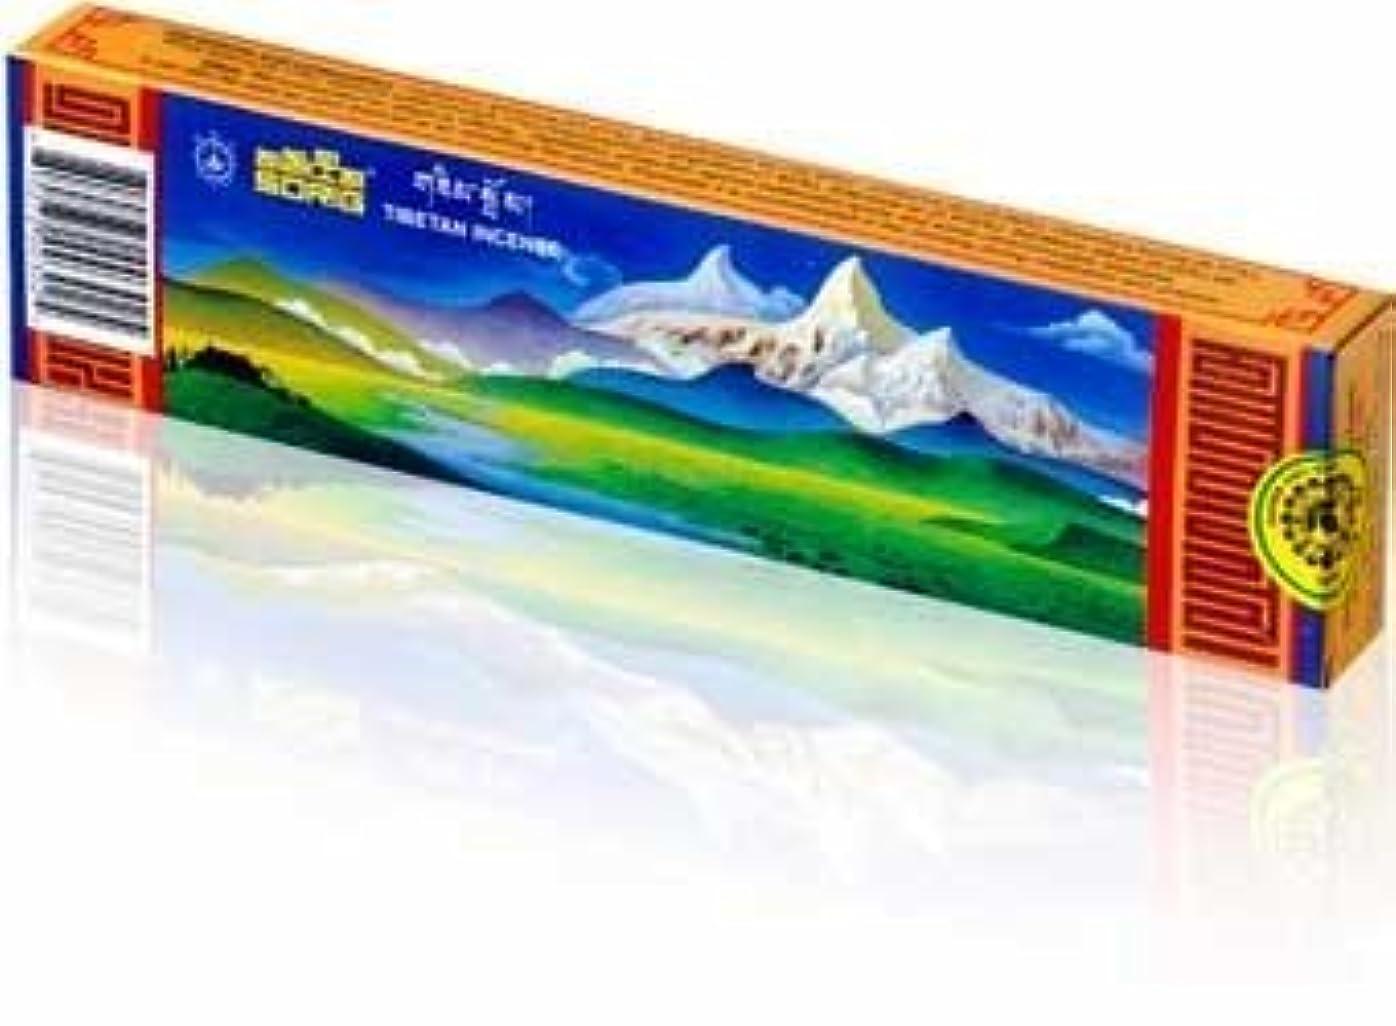 洗う漫画クスコSorig Natural Handmade Tibetan Incense Sticks by Men-Tsee-Khang- 20/40/60 Count (40) by Men-Tsee-Khang [並行輸入品]